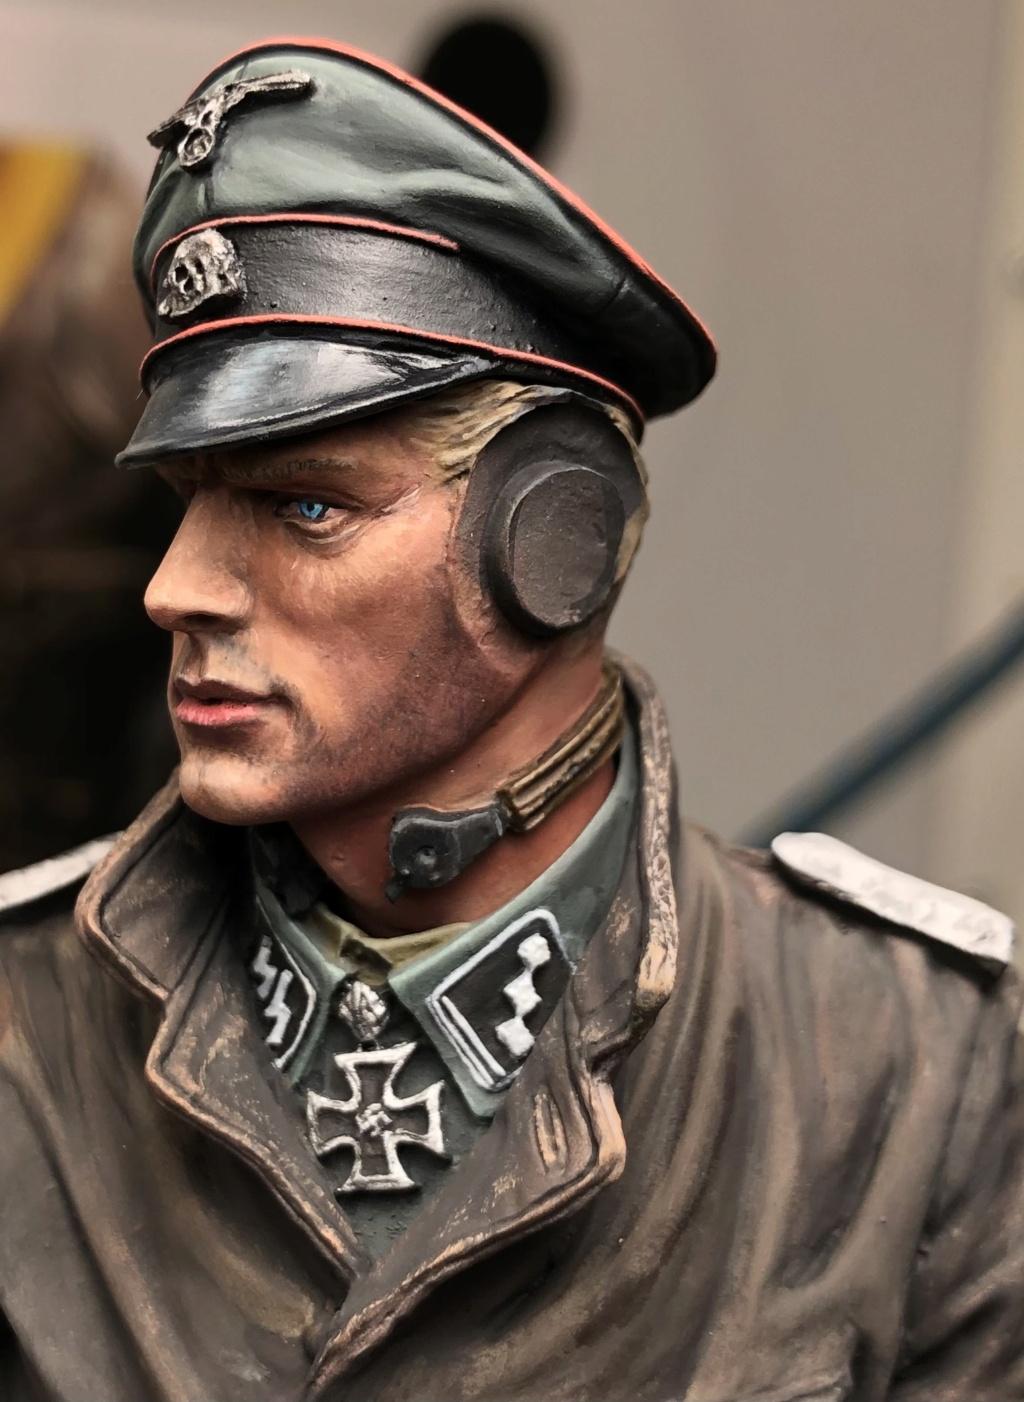 Buste - SS Panzer Commander Normandie 1944 - Young Miniatures - Terminé  26787d10